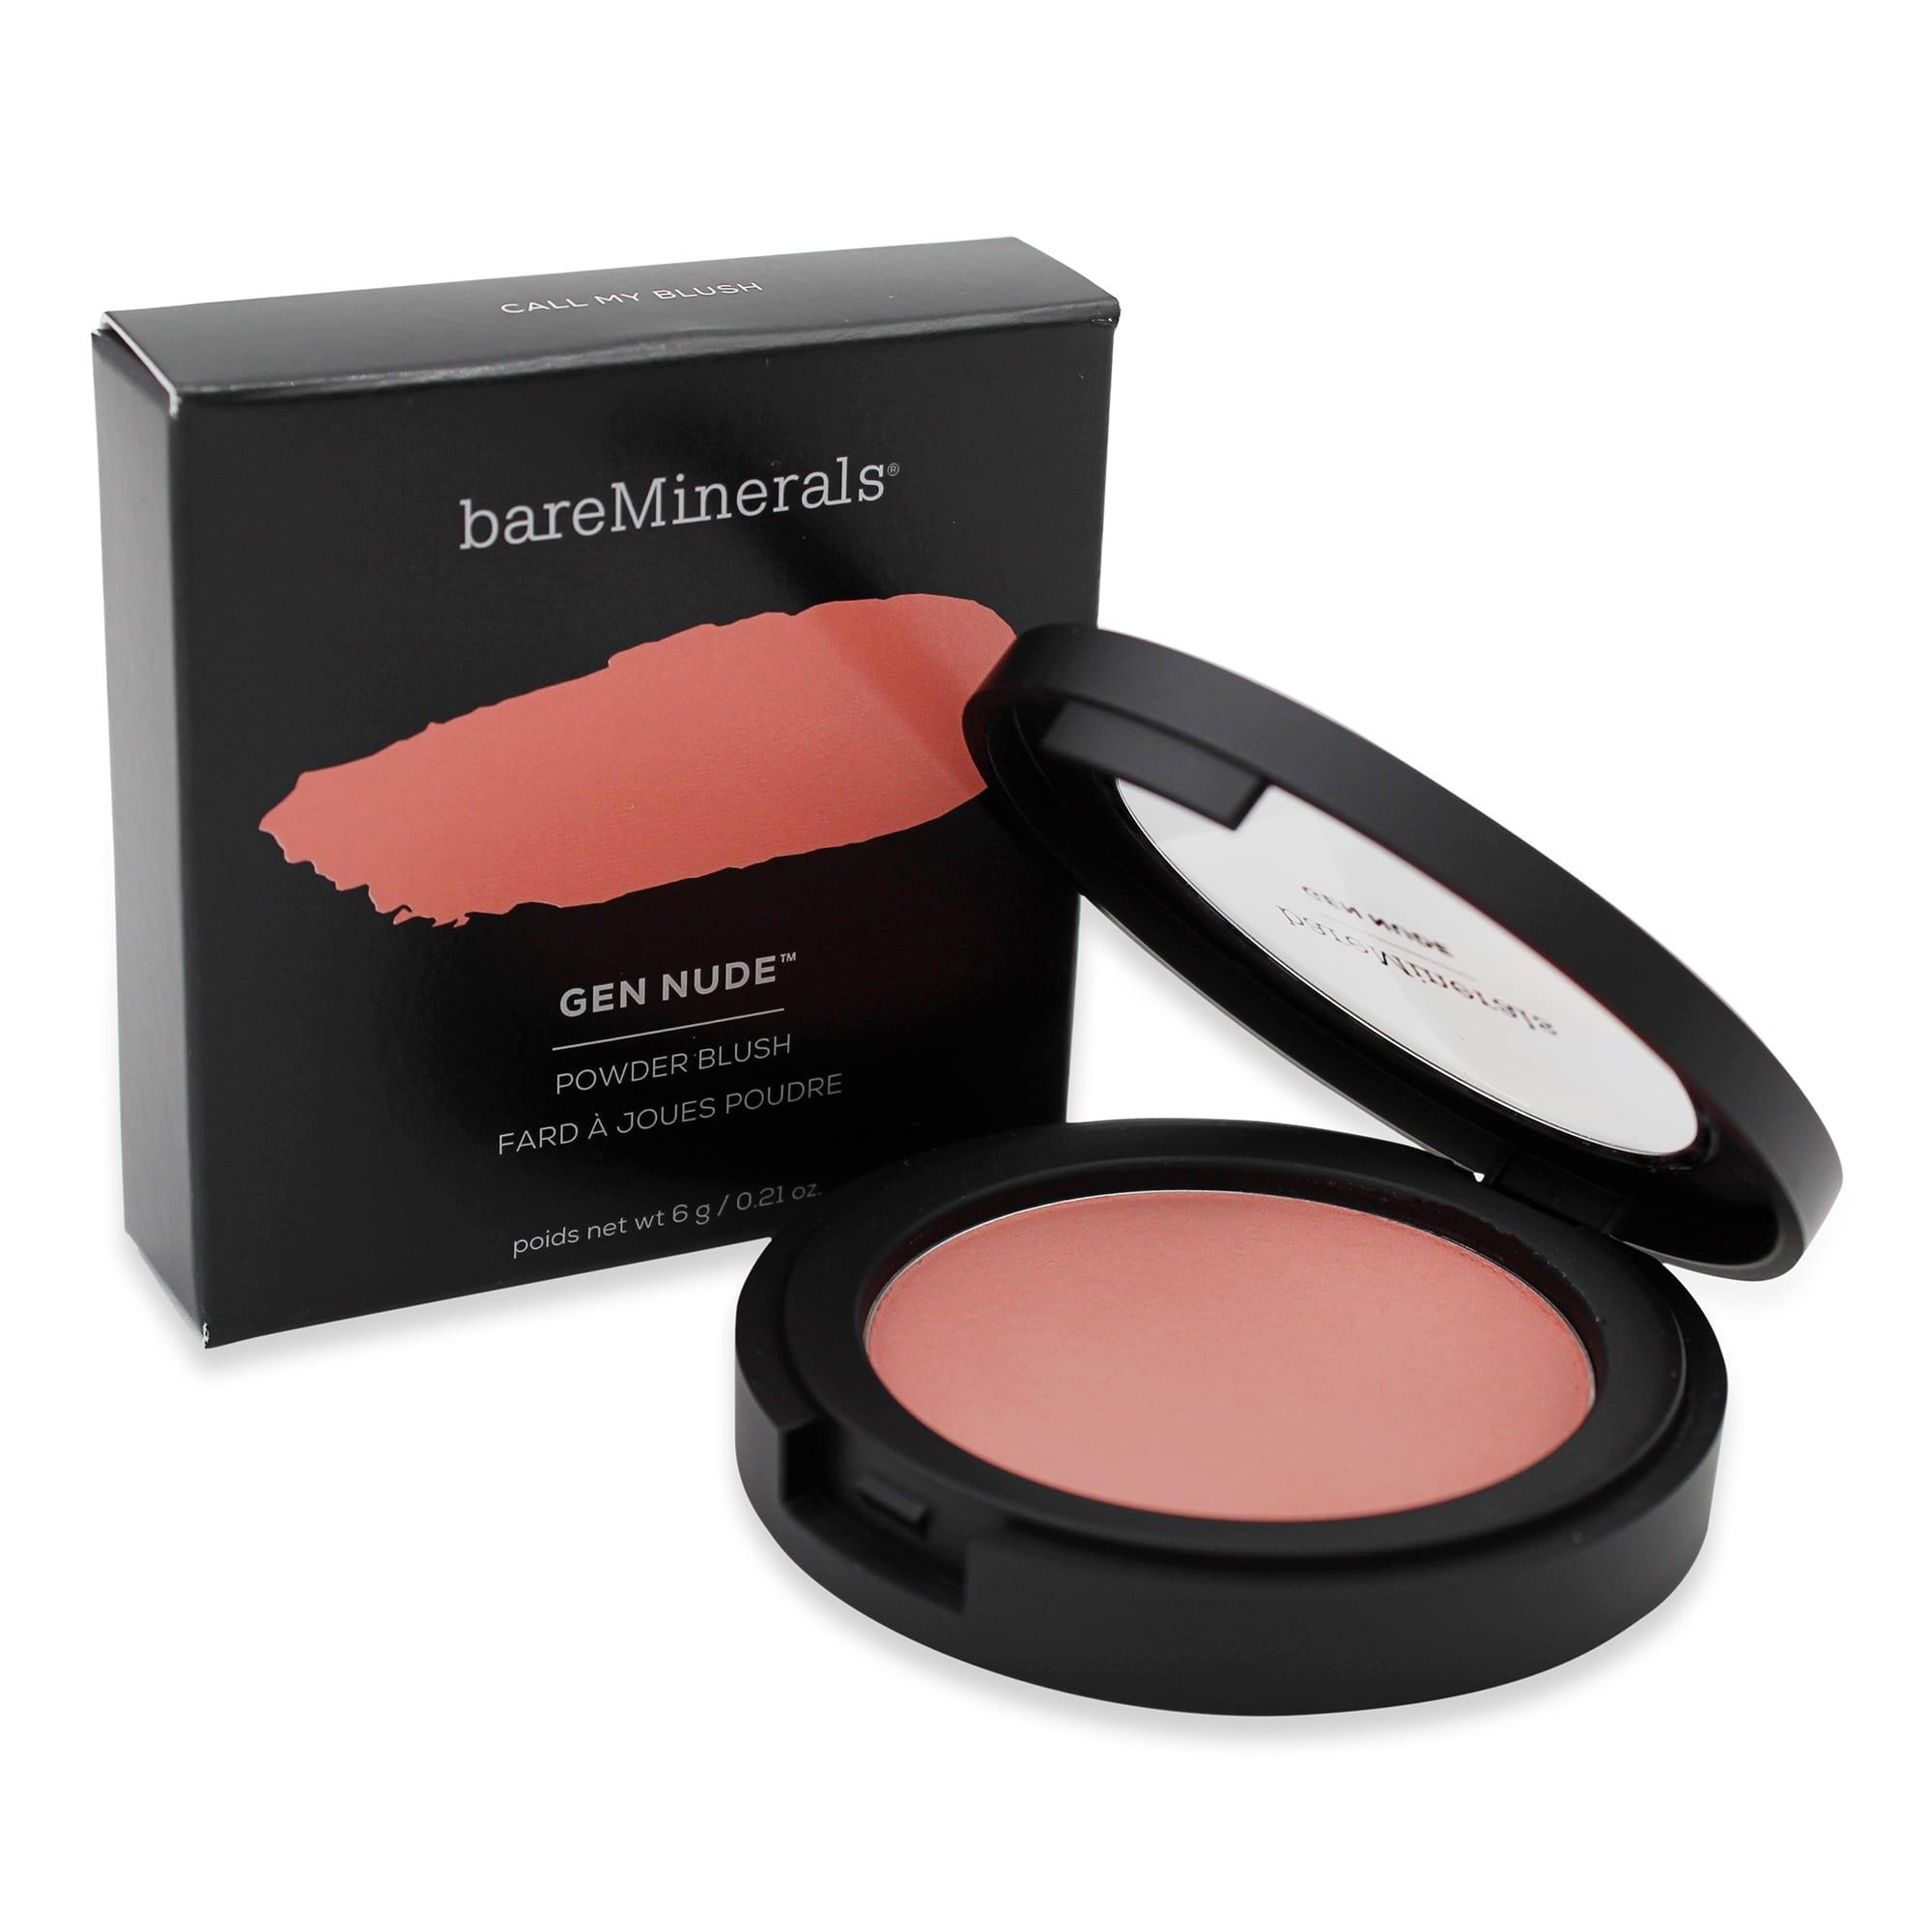 bareMinerals Gen Nude Powder Blush , Call My Blush , 6 g